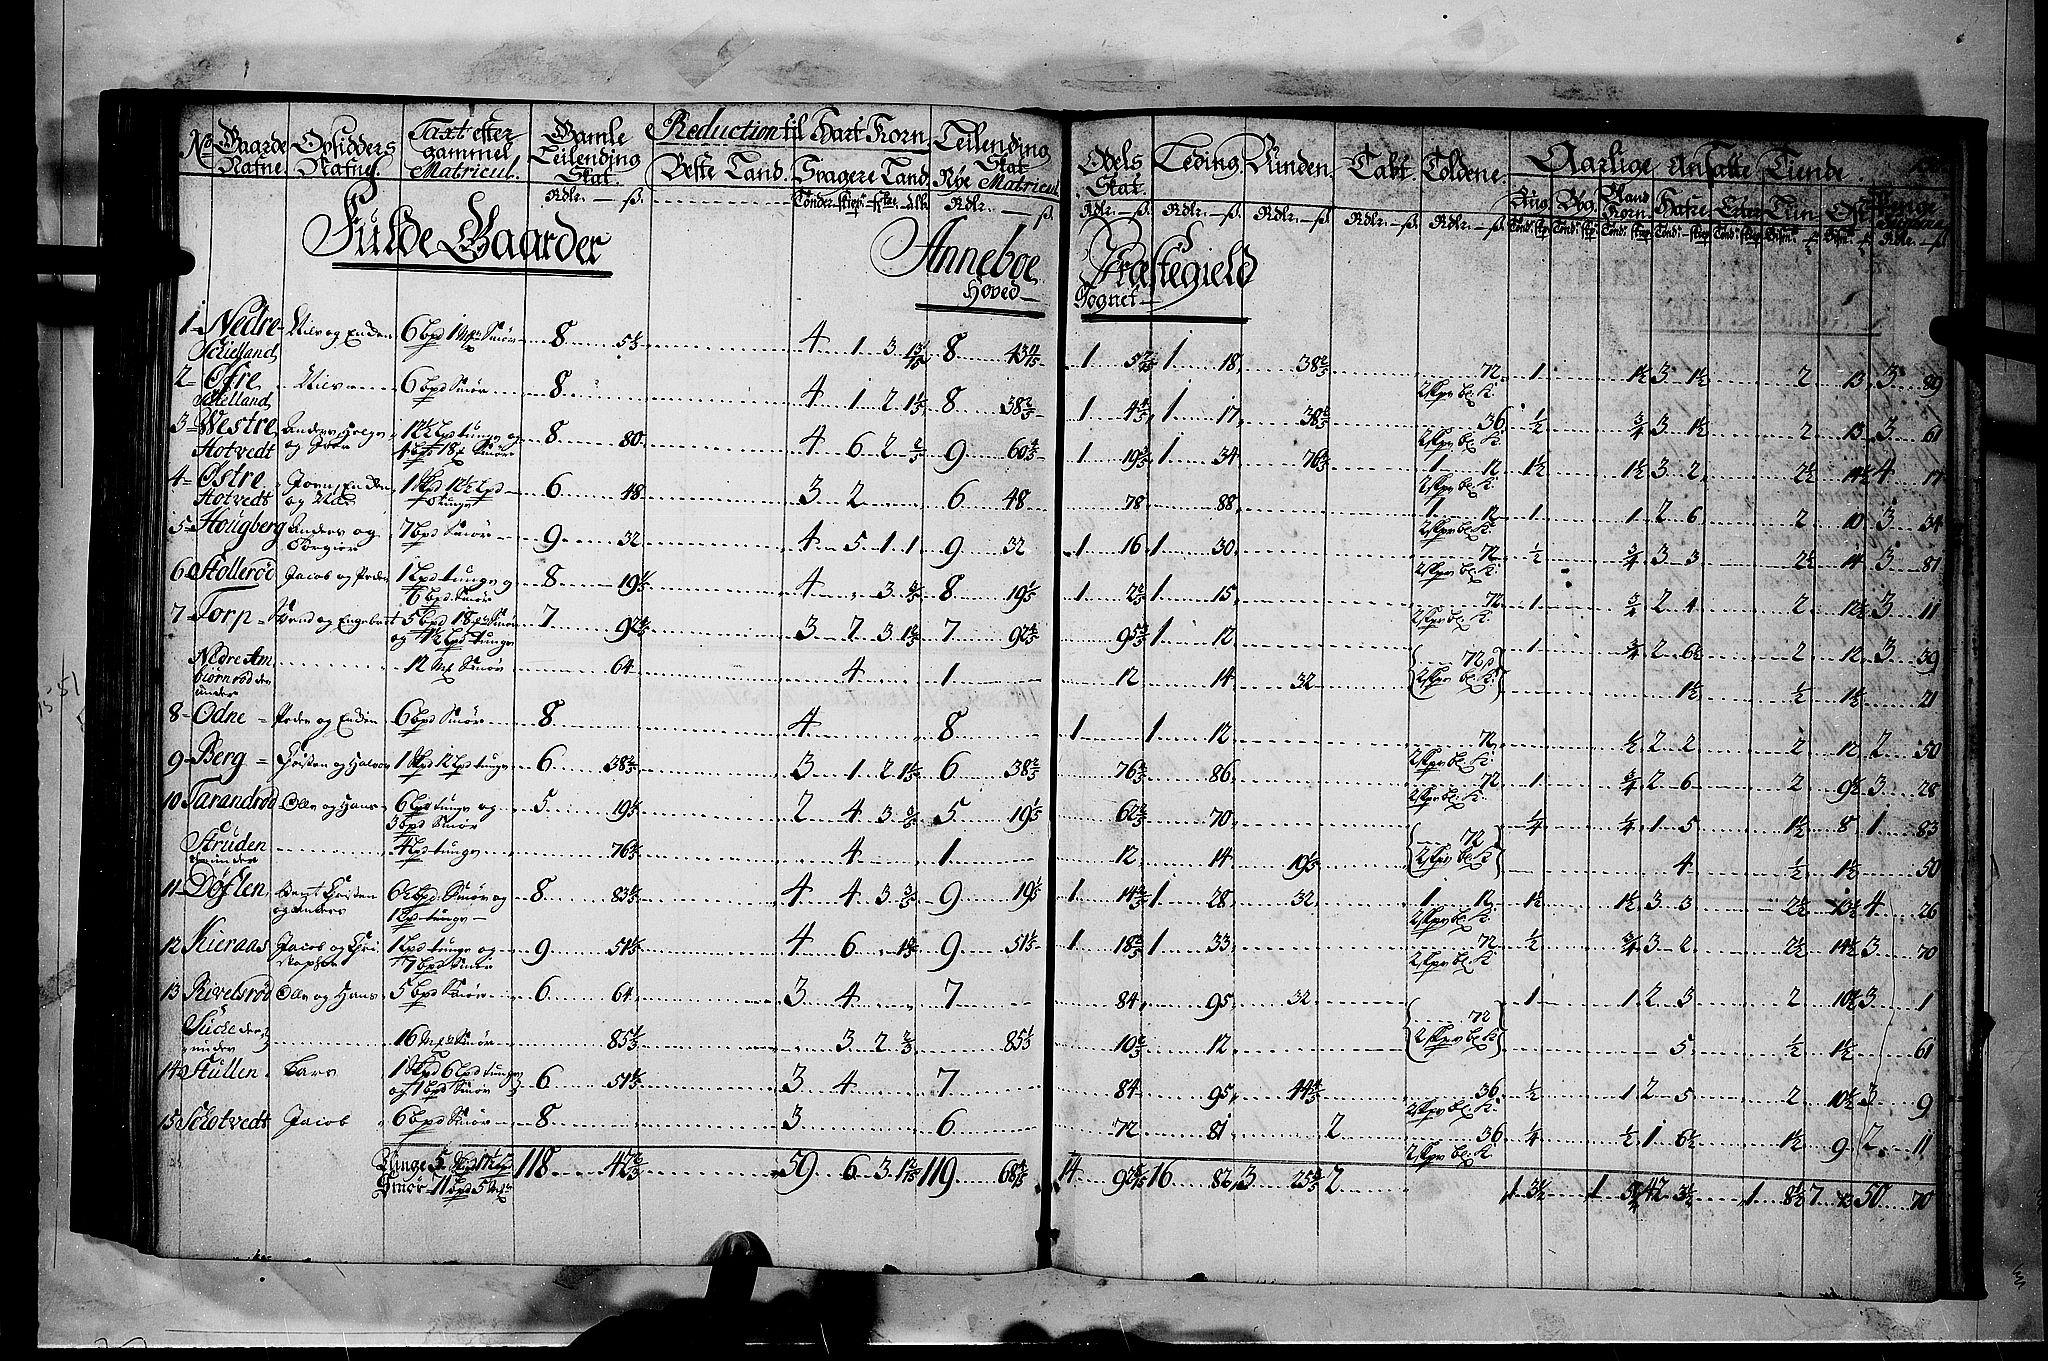 RA, Rentekammeret inntil 1814, Realistisk ordnet avdeling, N/Nb/Nbf/L0116: Jarlsberg grevskap matrikkelprotokoll, 1723, s. 129b-130a